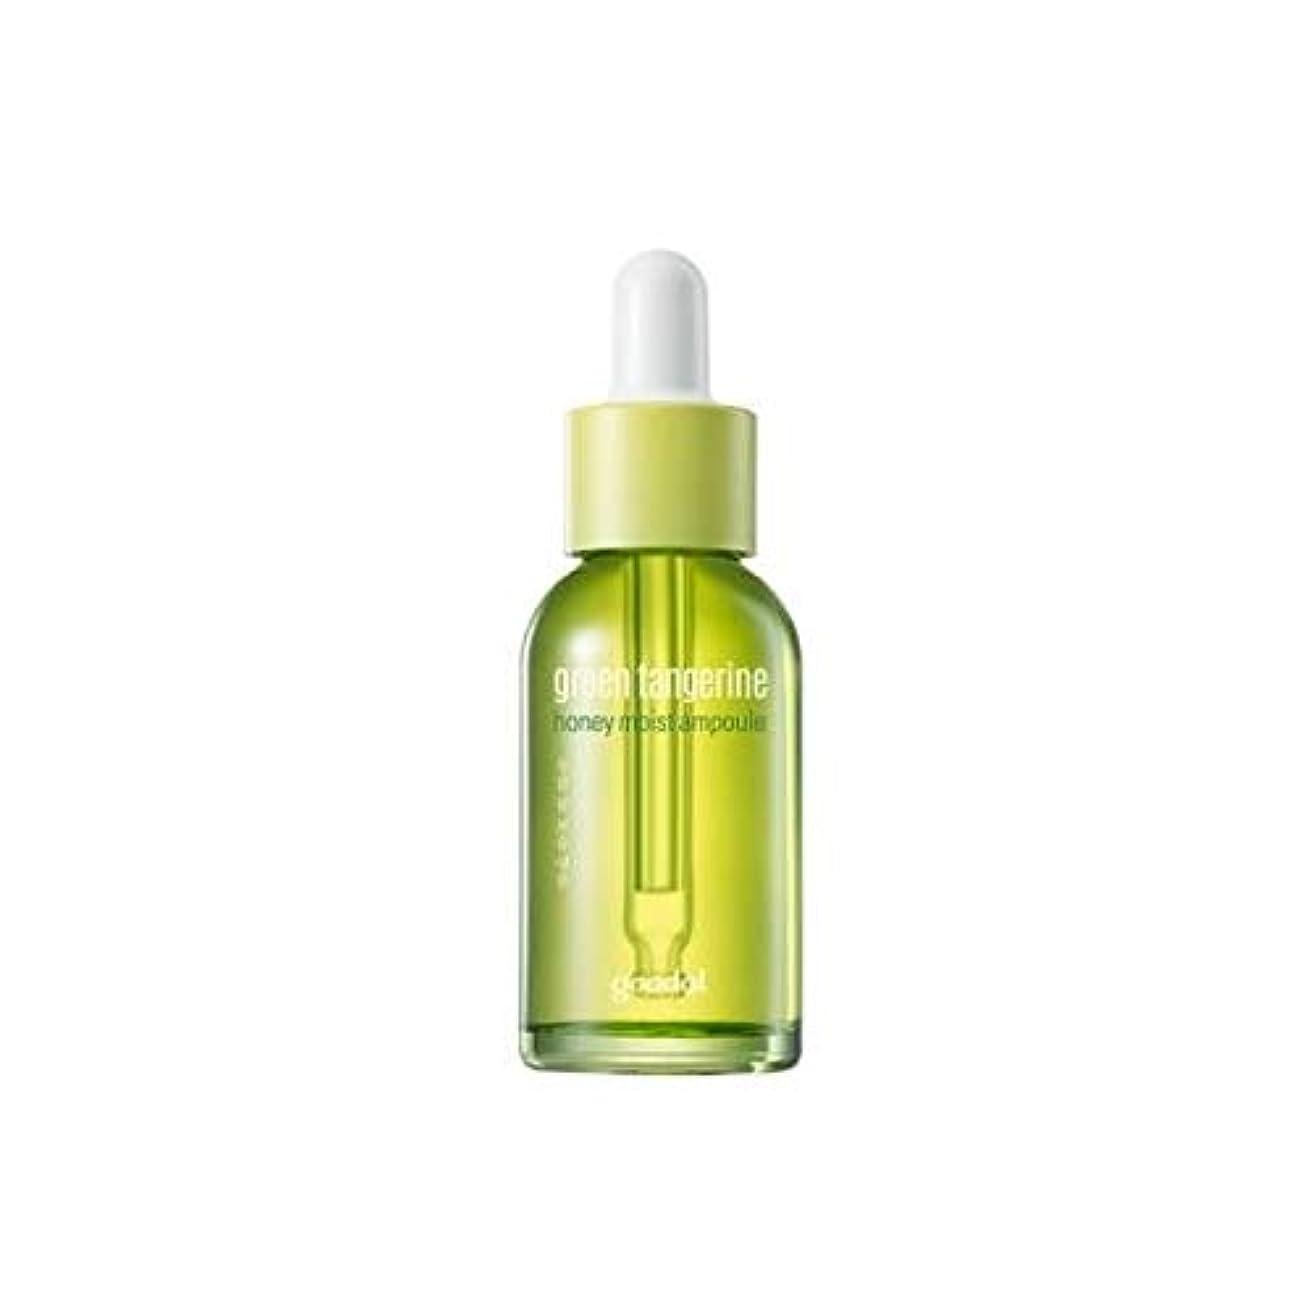 偽物熱狂的な累計Goodal Green Tangerine Honey Moist Ampule グーダル チョンギュル(青みかん) ハニー モイスト アンプル 30ml [並行輸入品]